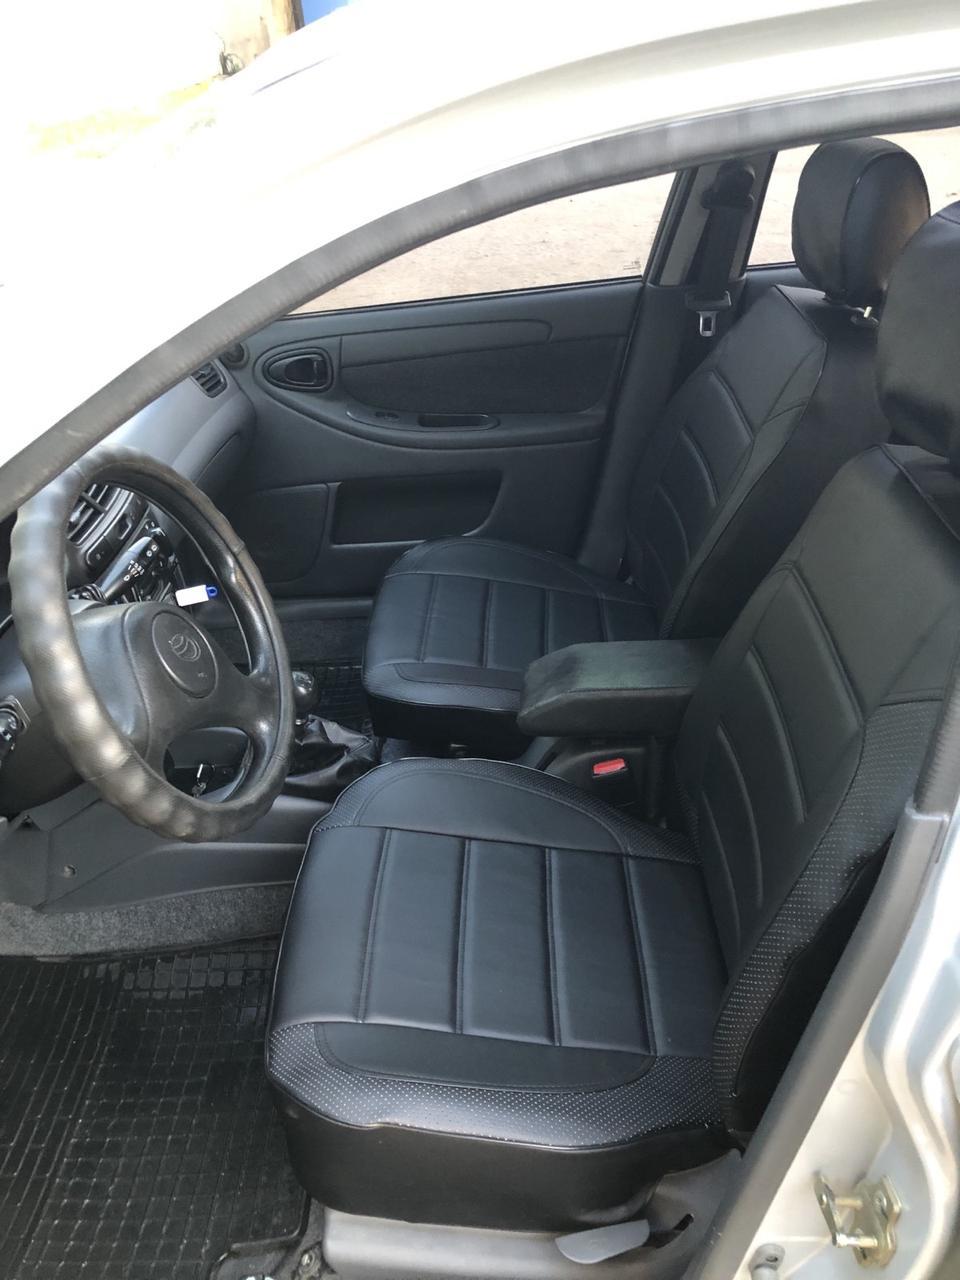 Чохли на сидіння Сітроен Берлінго модельні MAX-L з екошкіри, 1+1 - на передні сидіння Чорний